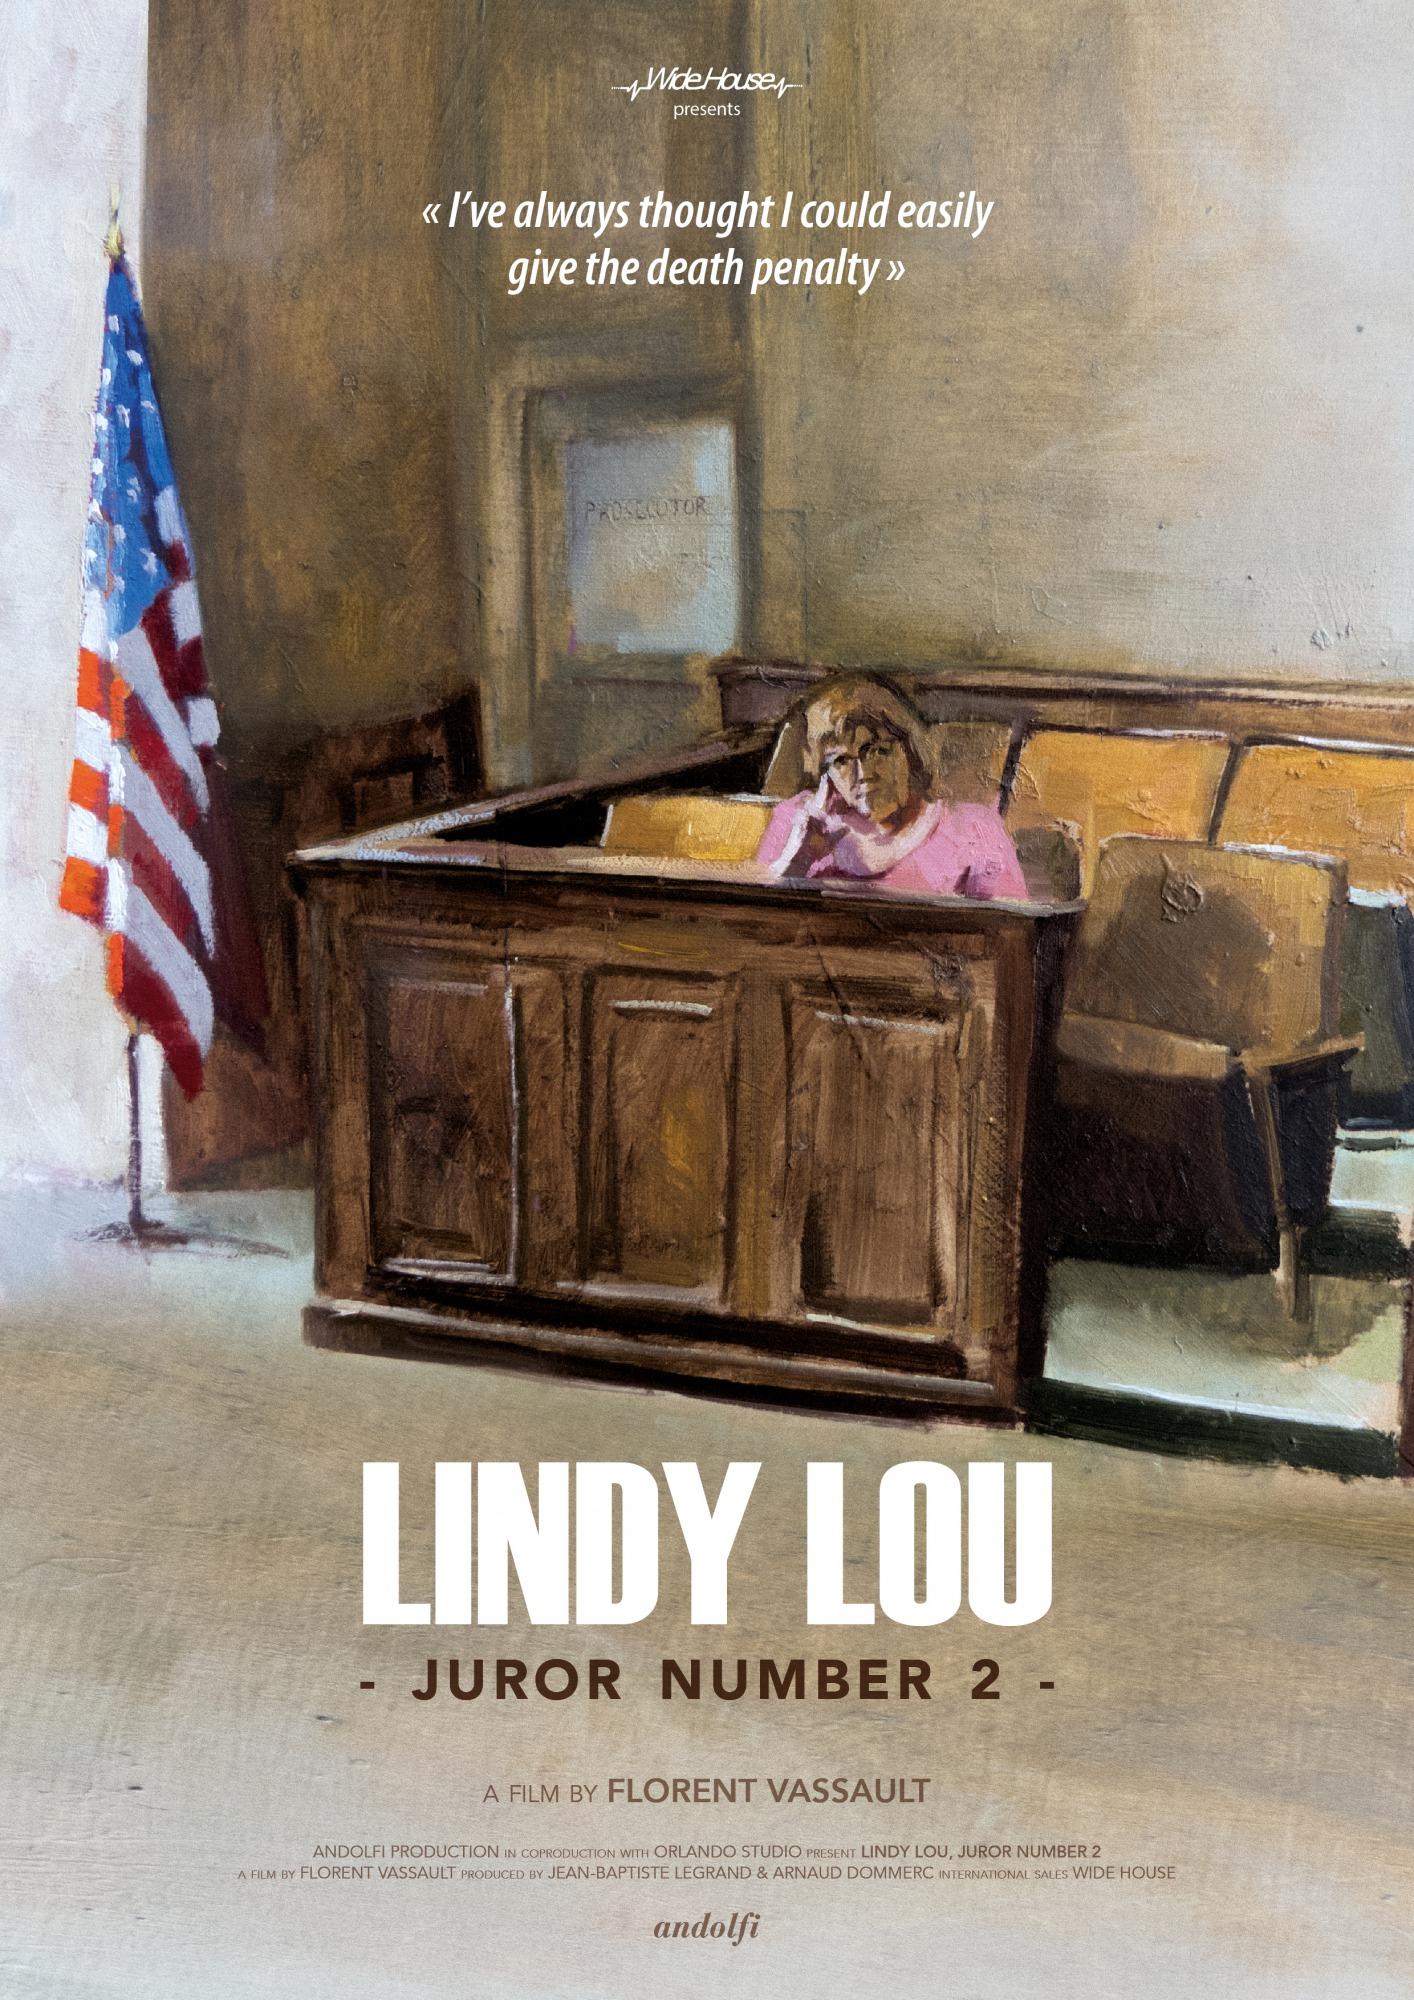 lindylou_poster_web_hd.jpg